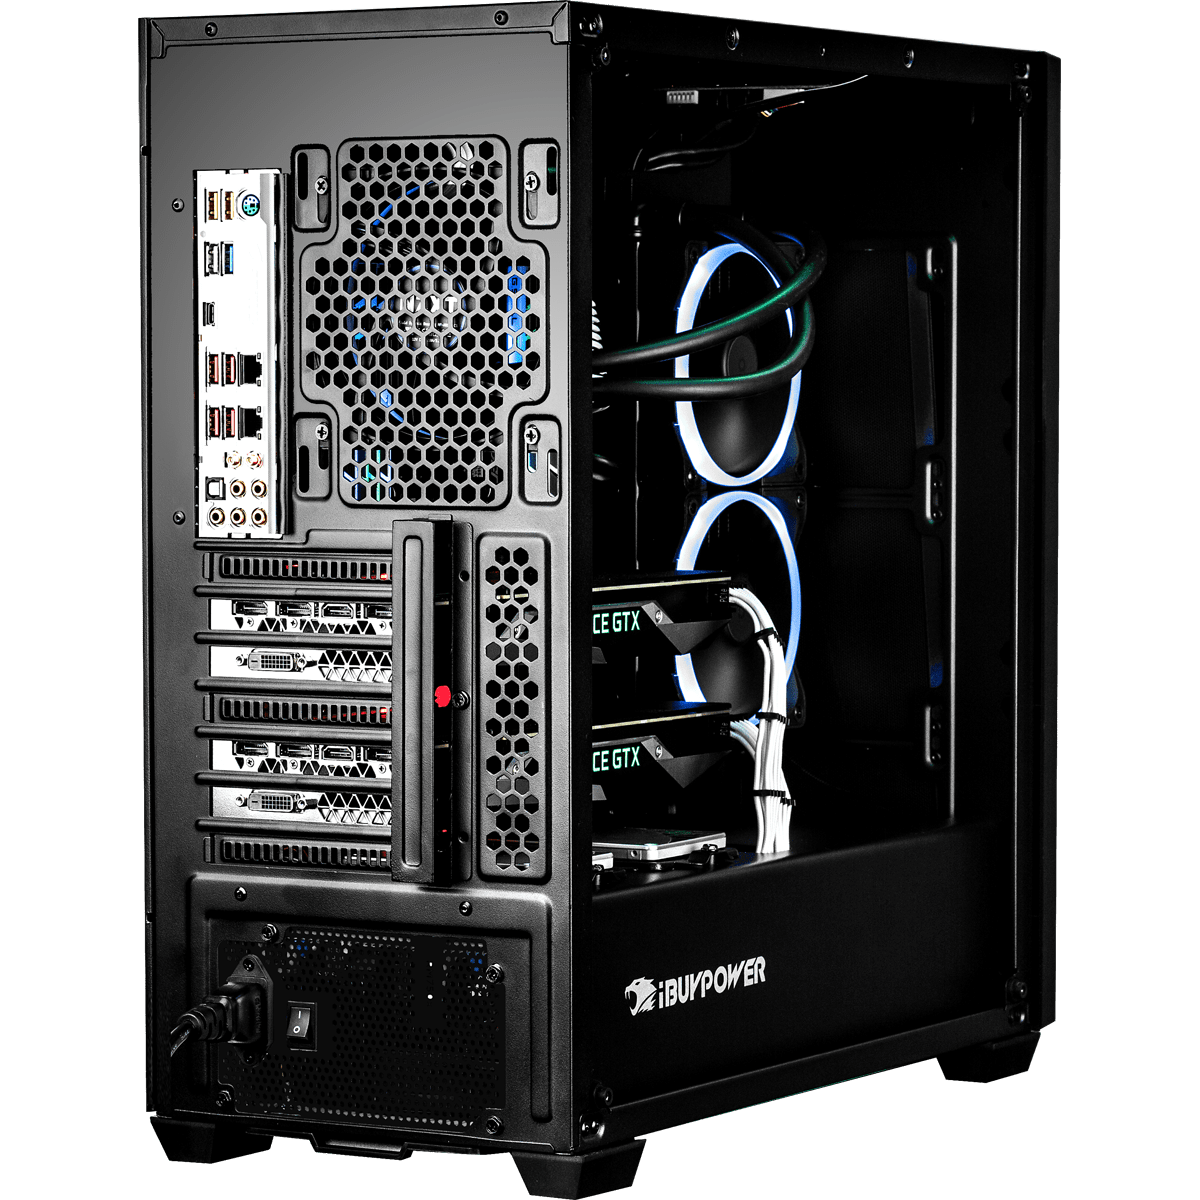 Gamer Paladin Z350 Ibuypower Gaming Pc Kabel Power Komputer Cpu Desktop 265 Customer Reviews